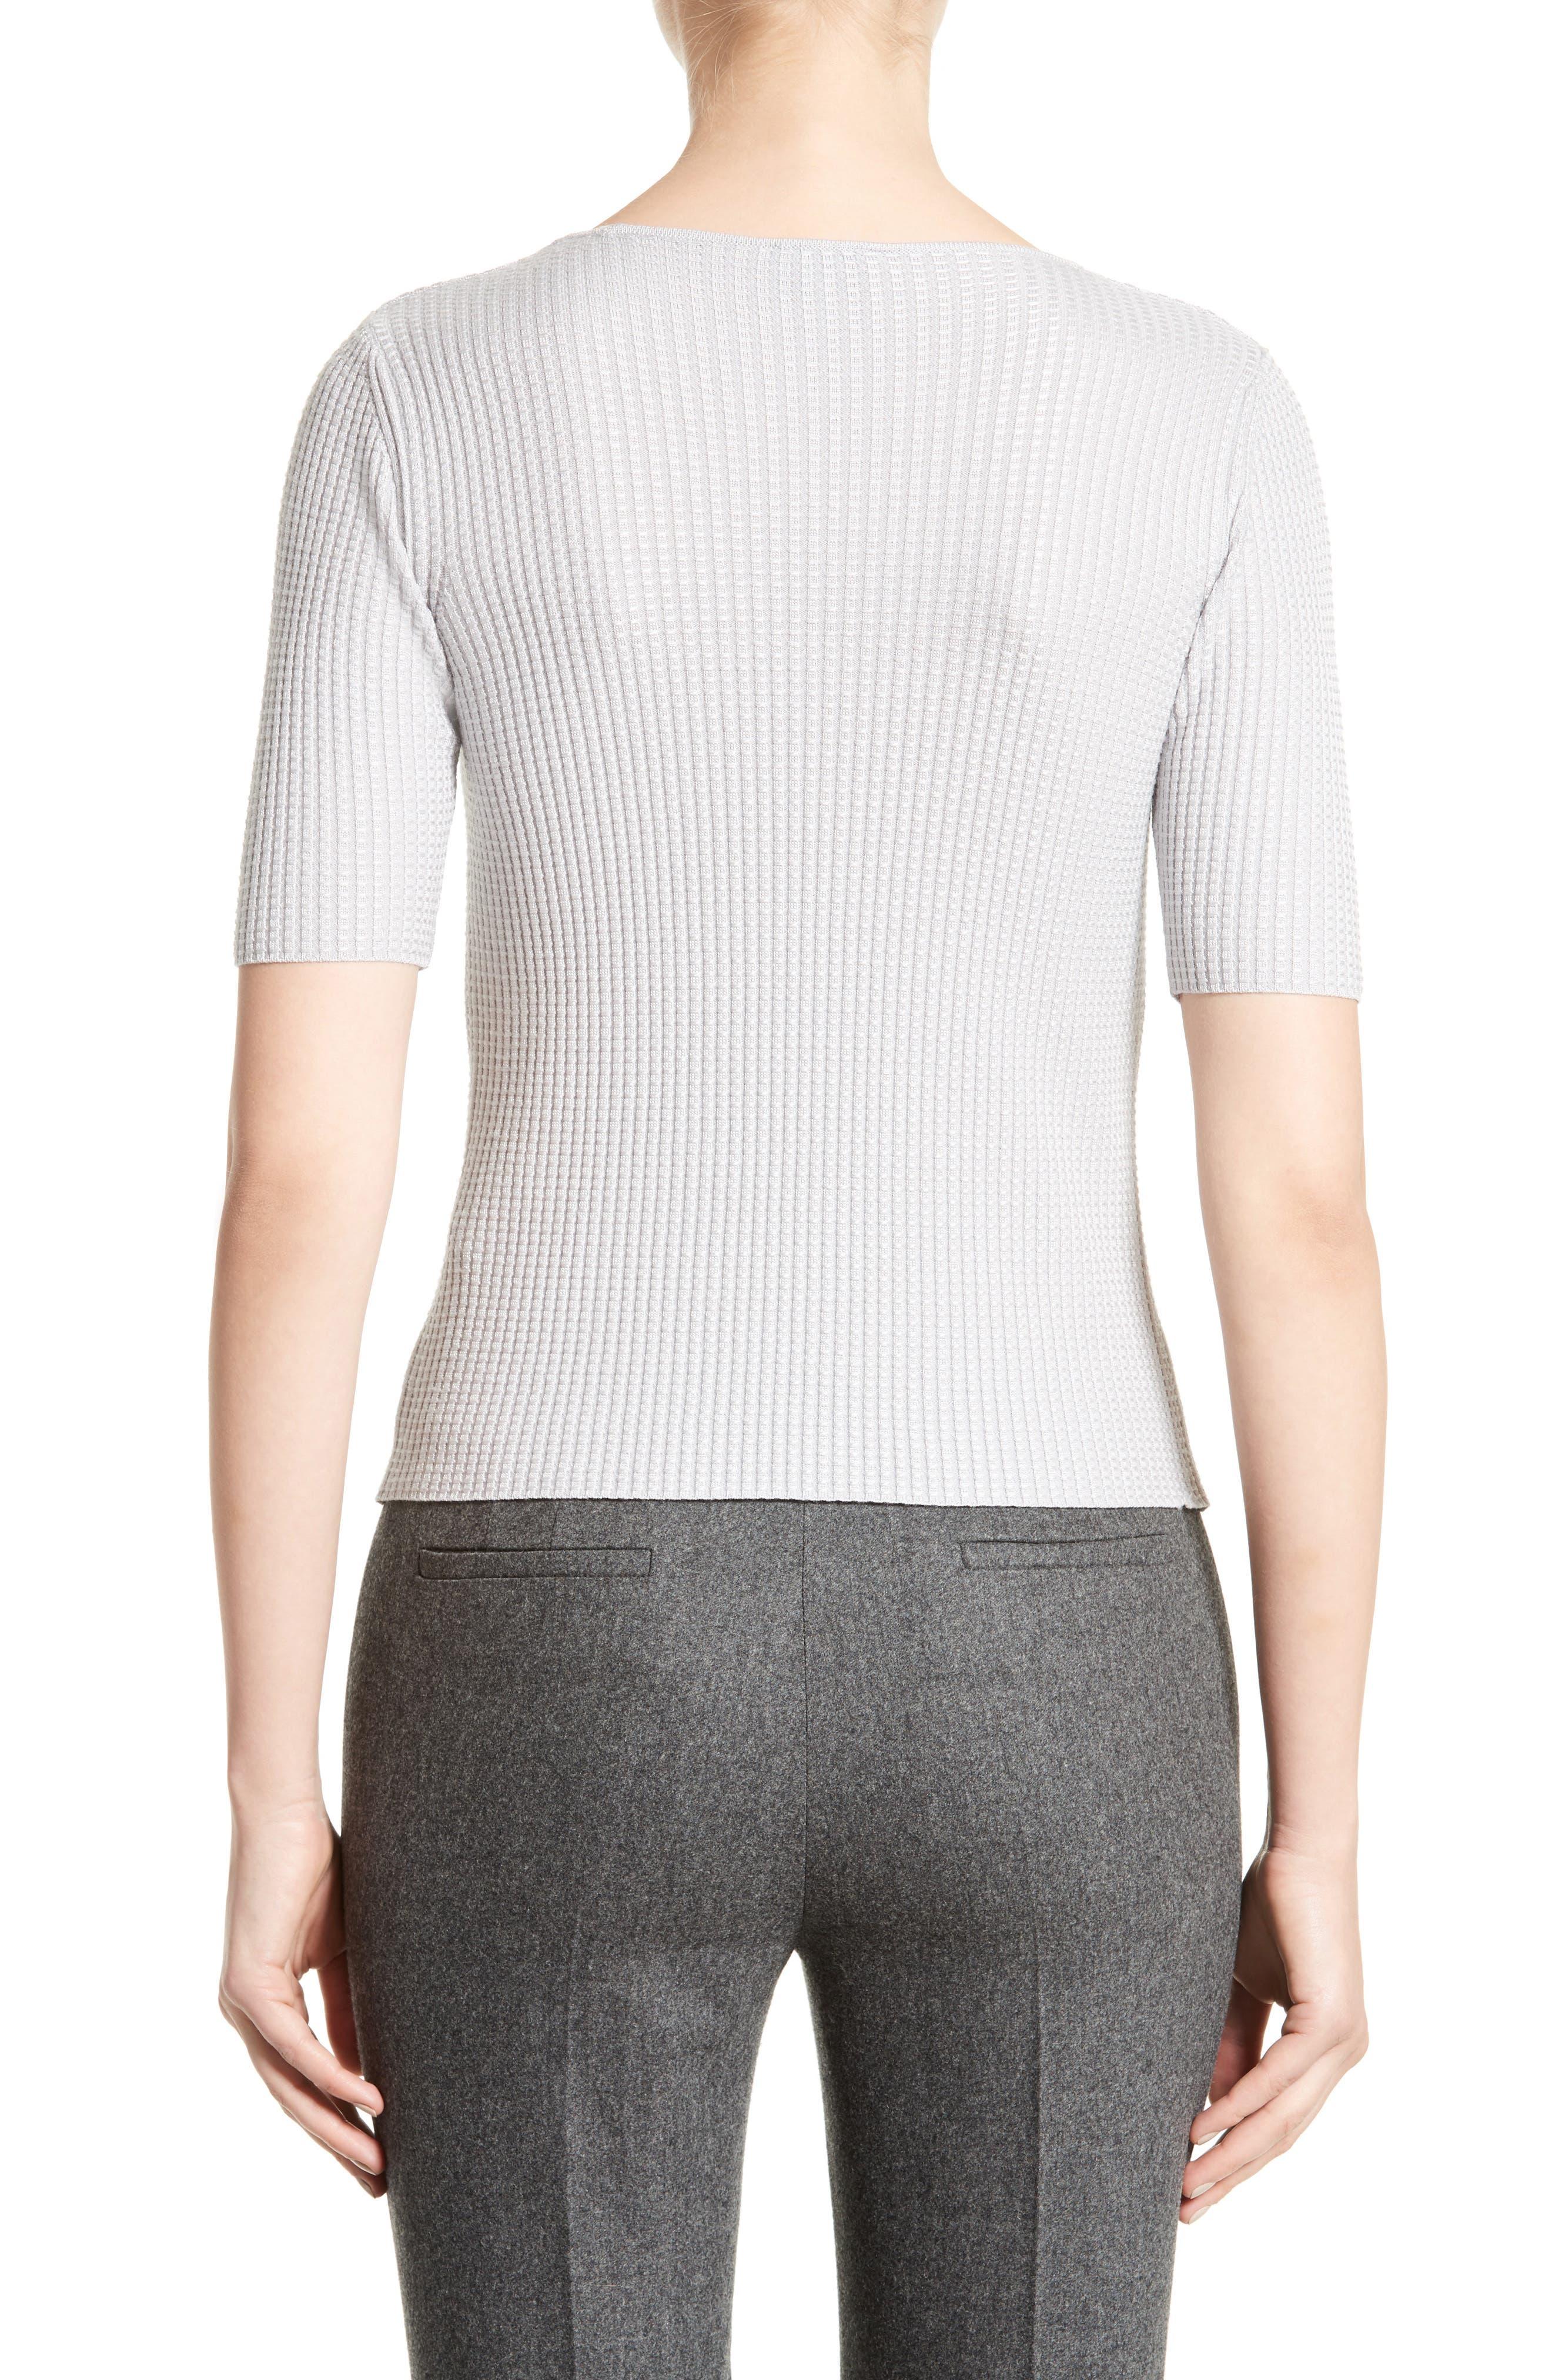 Alternate Image 2  - Armani Collezioni Stretch Wool Blend Top